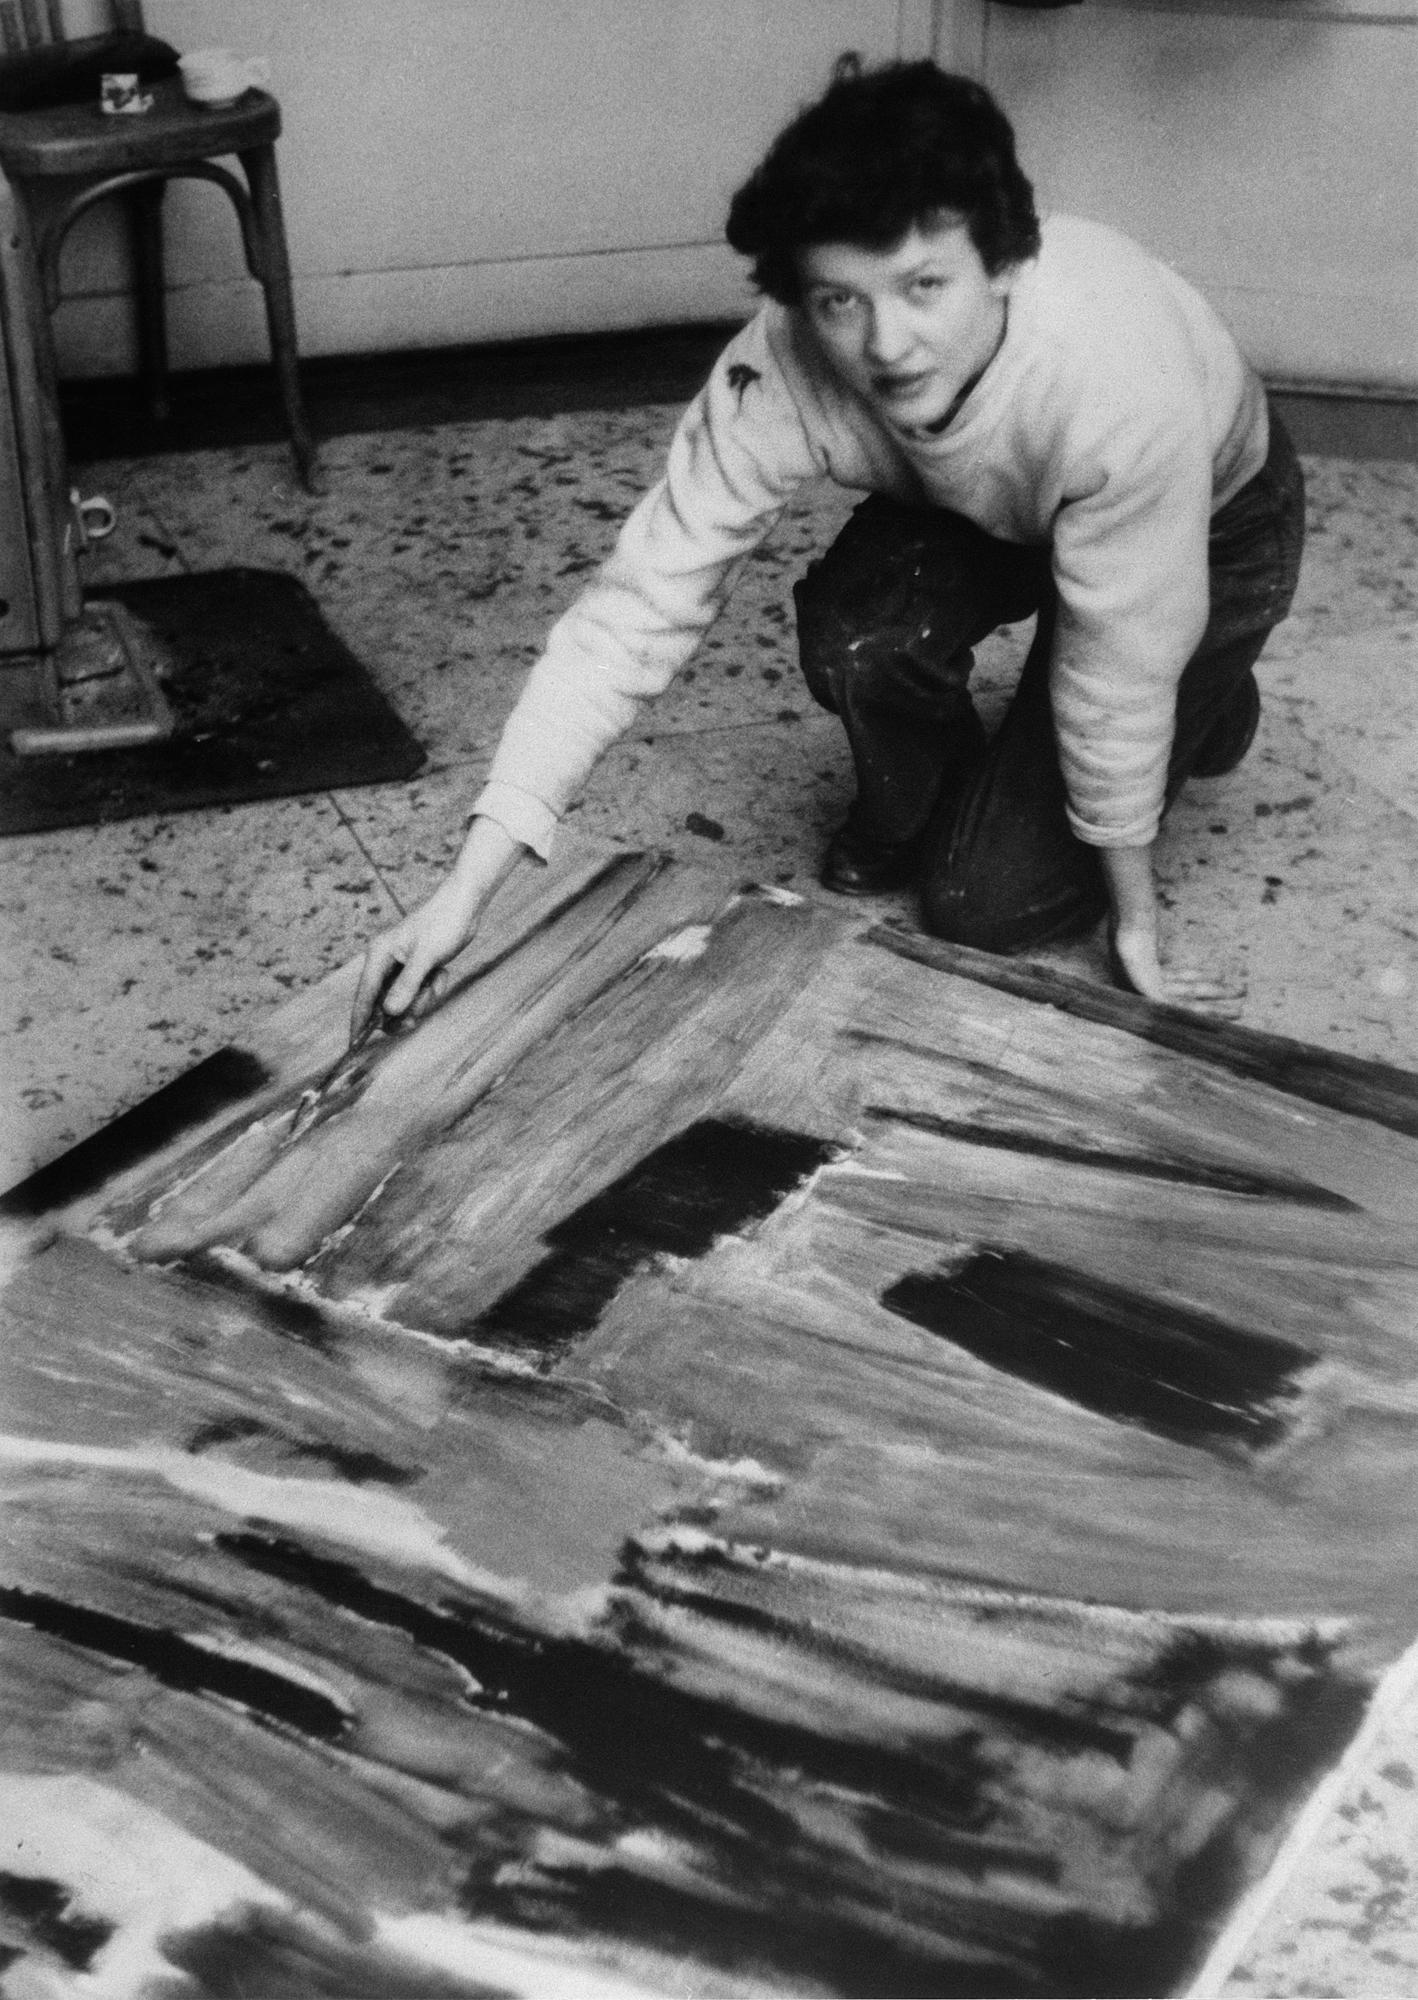 lois frederick - portrait photographie 1953 1954